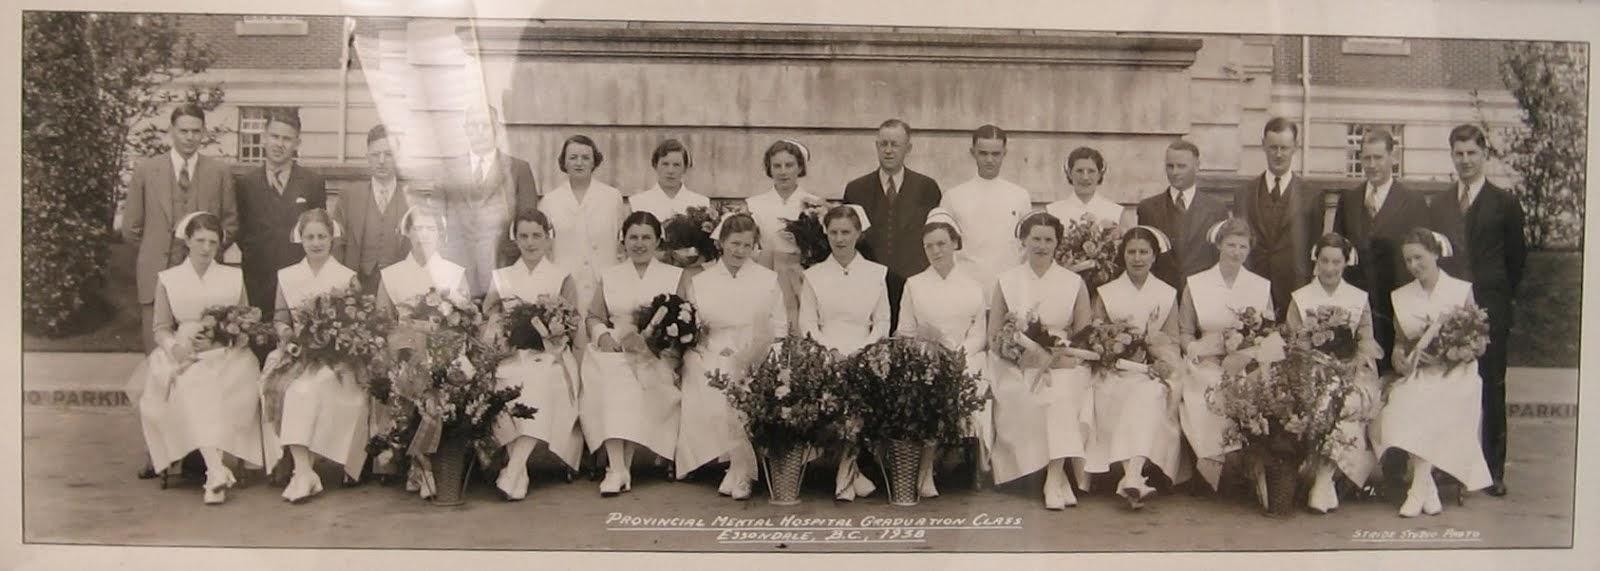 1938 graduates